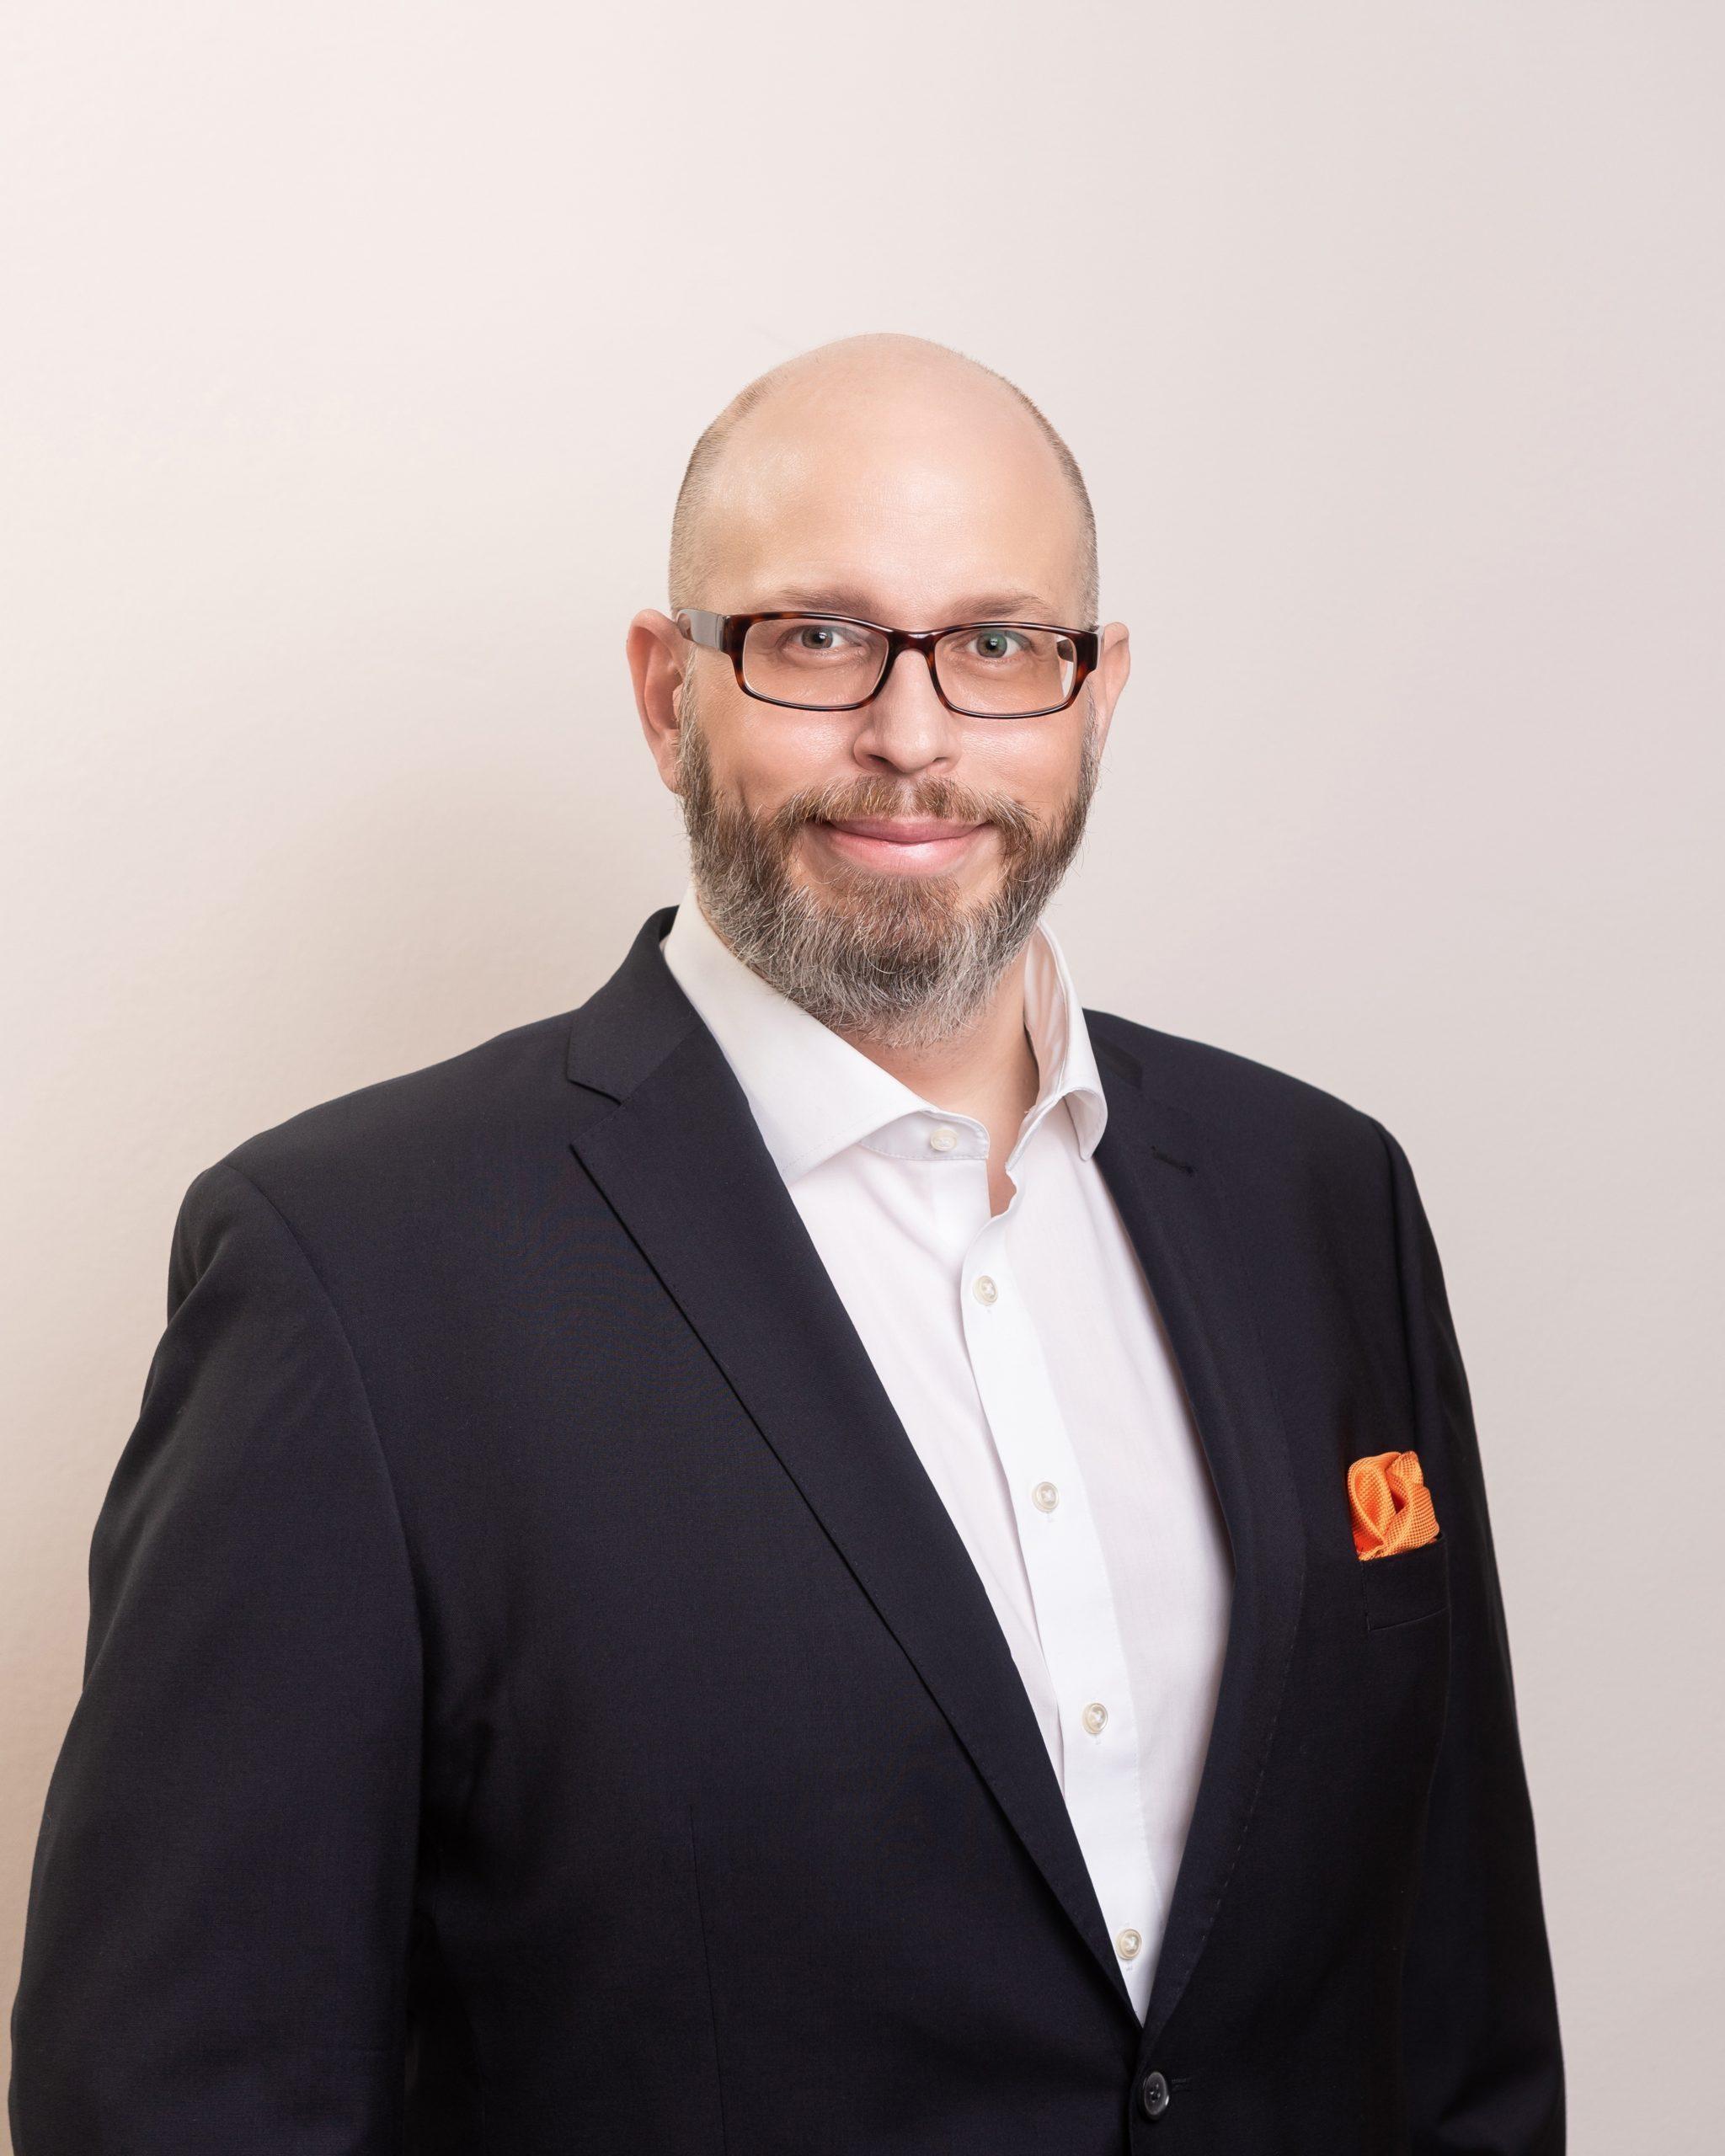 Innovationsexperte für agile Innovation - Erik A. Leonavicius - REINVENTIS - Innovationsagentur - München